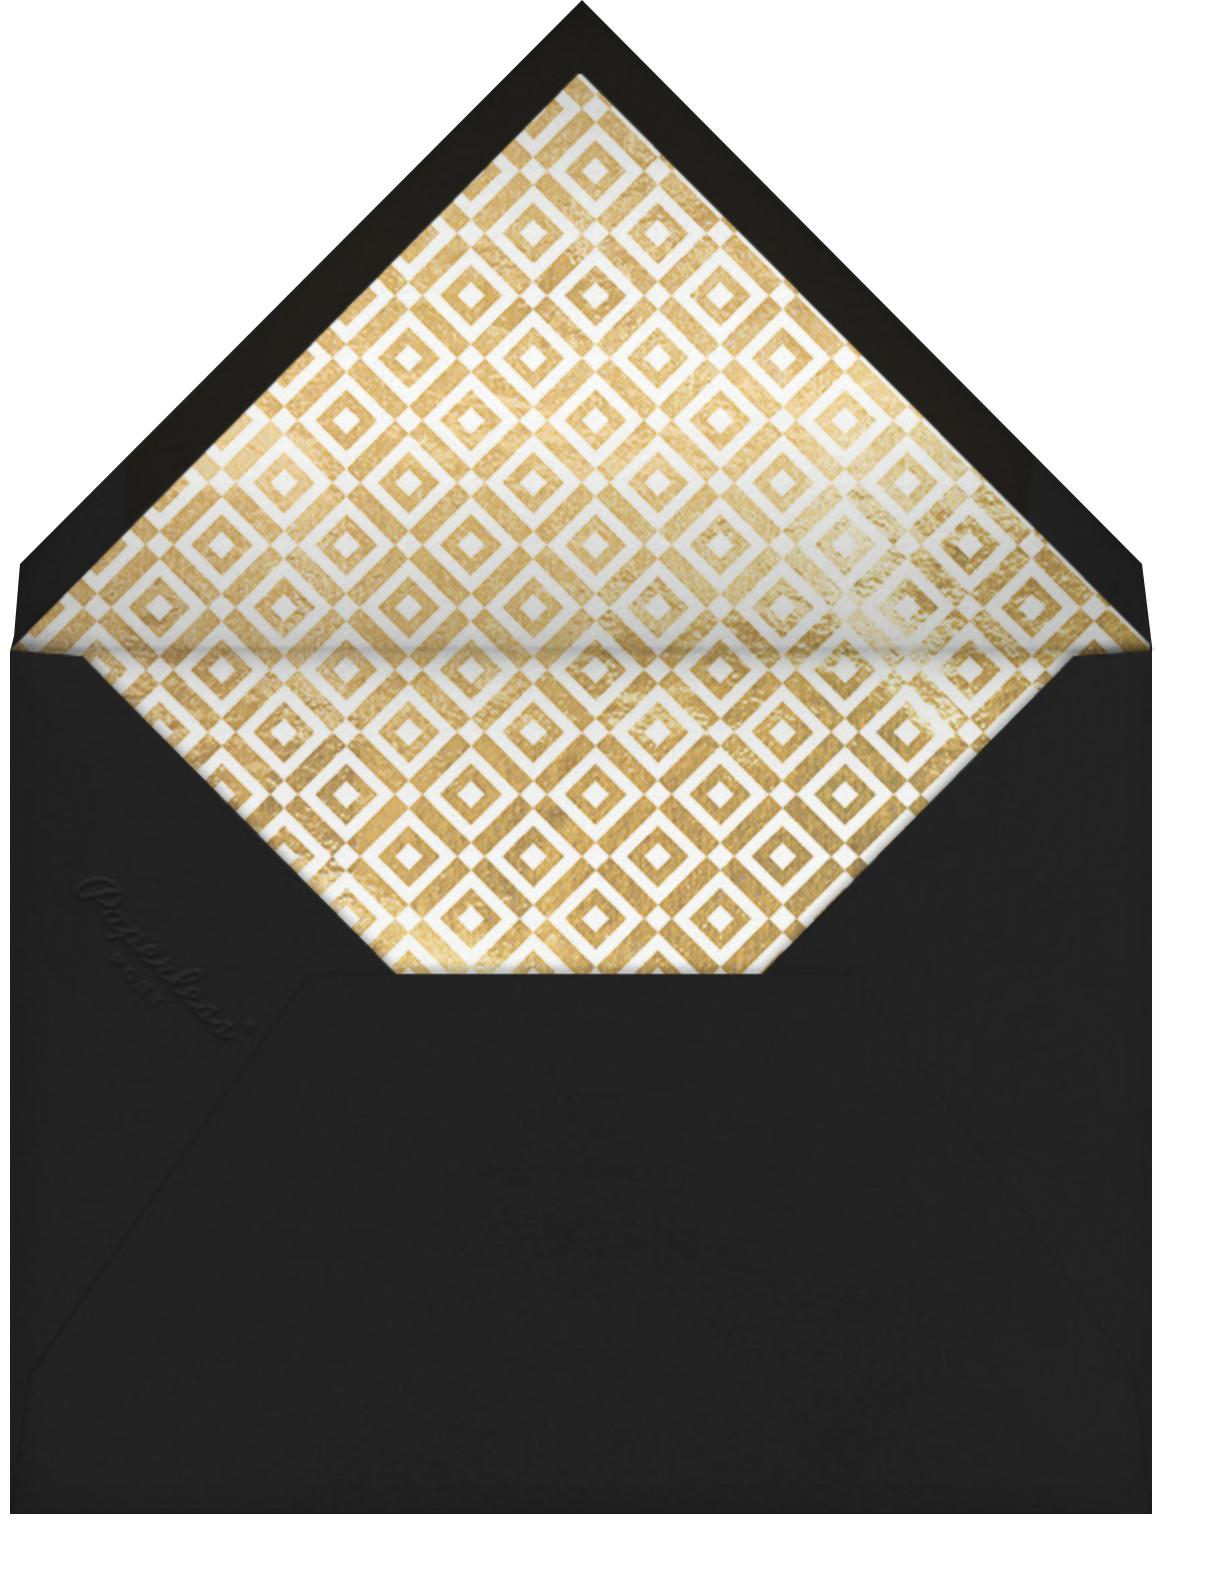 Melrose - Gold - Jonathan Adler - Adult birthday - envelope back